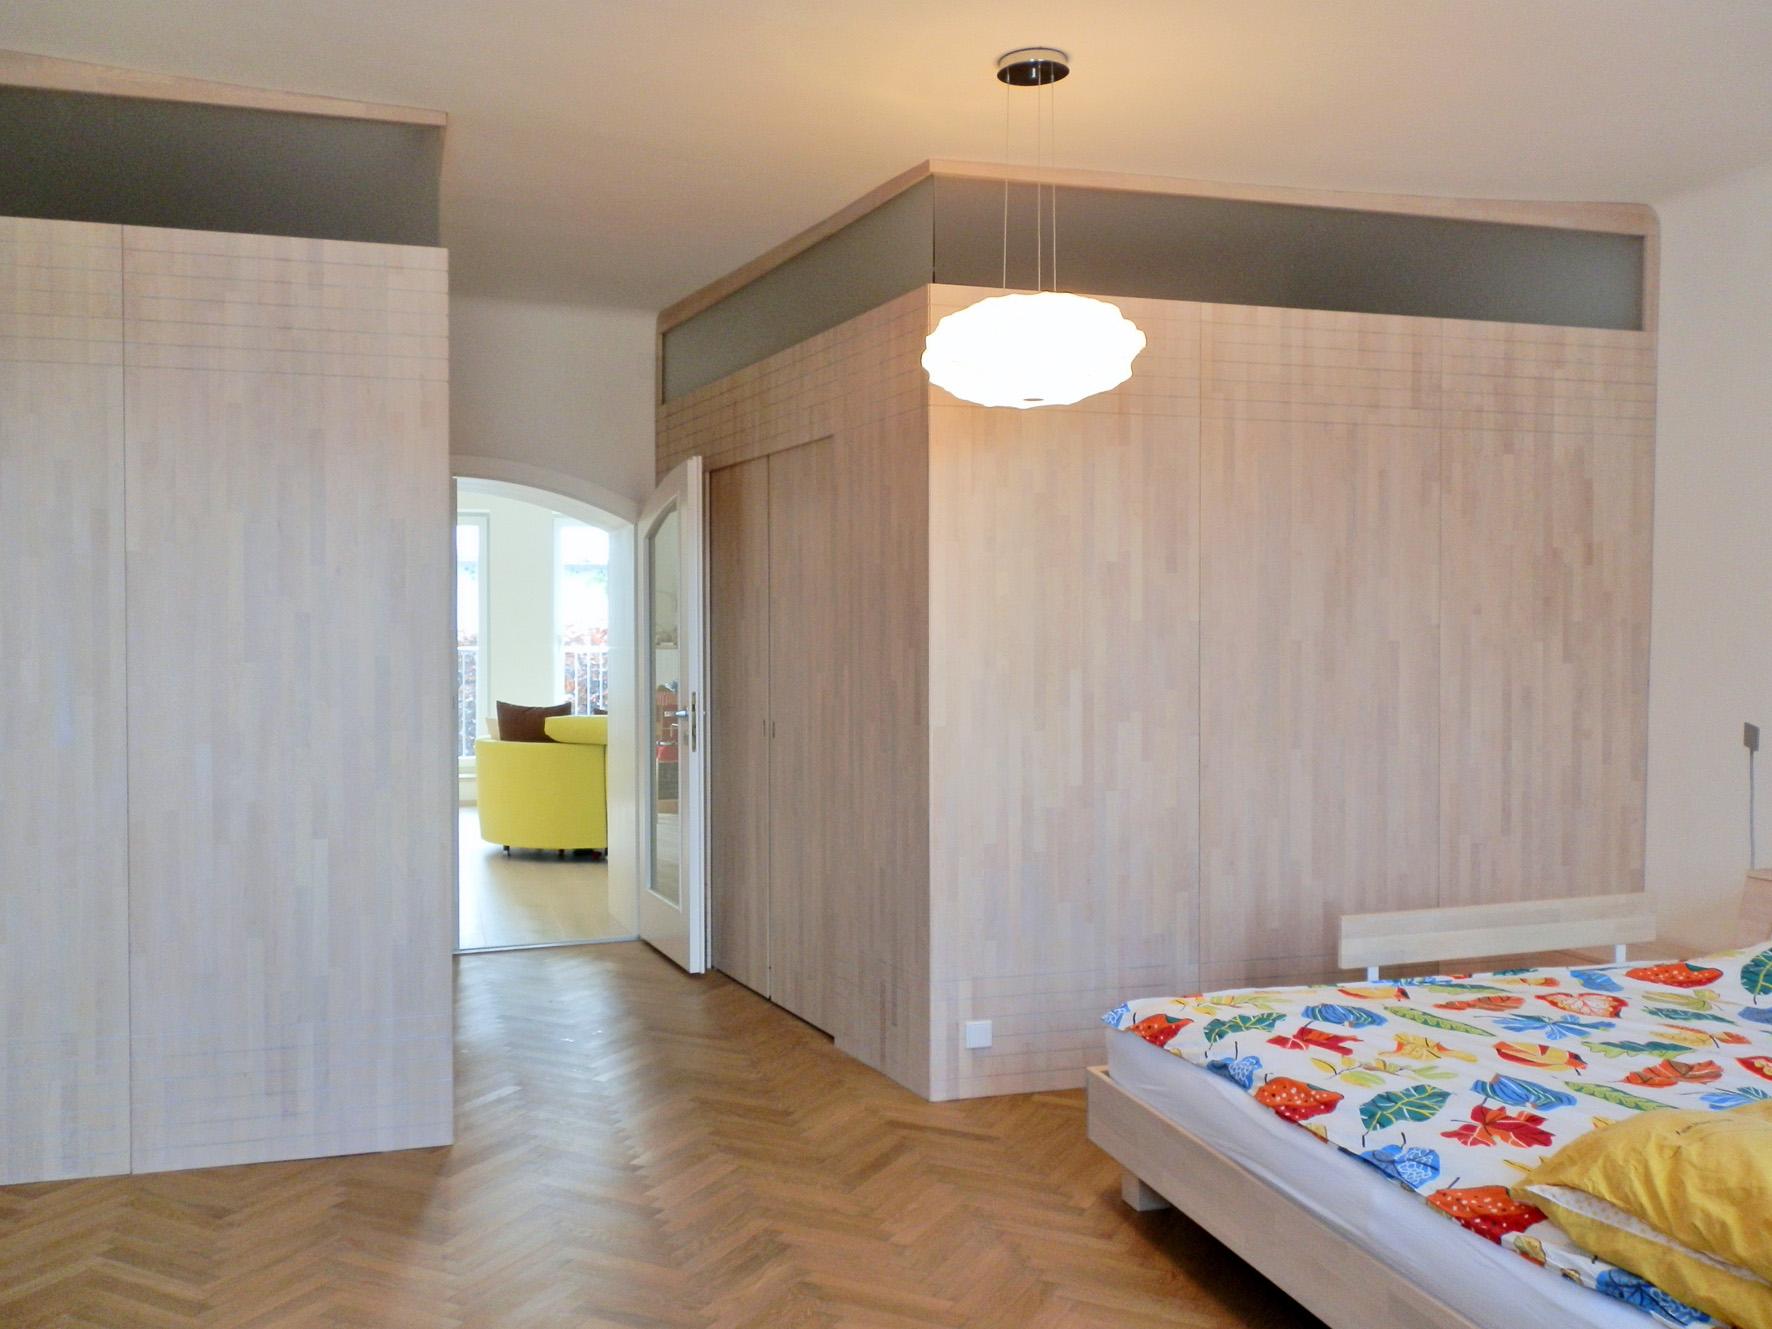 schlafzimmer-einrichtung in großen altbauräumen, Wohnzimmer dekoo